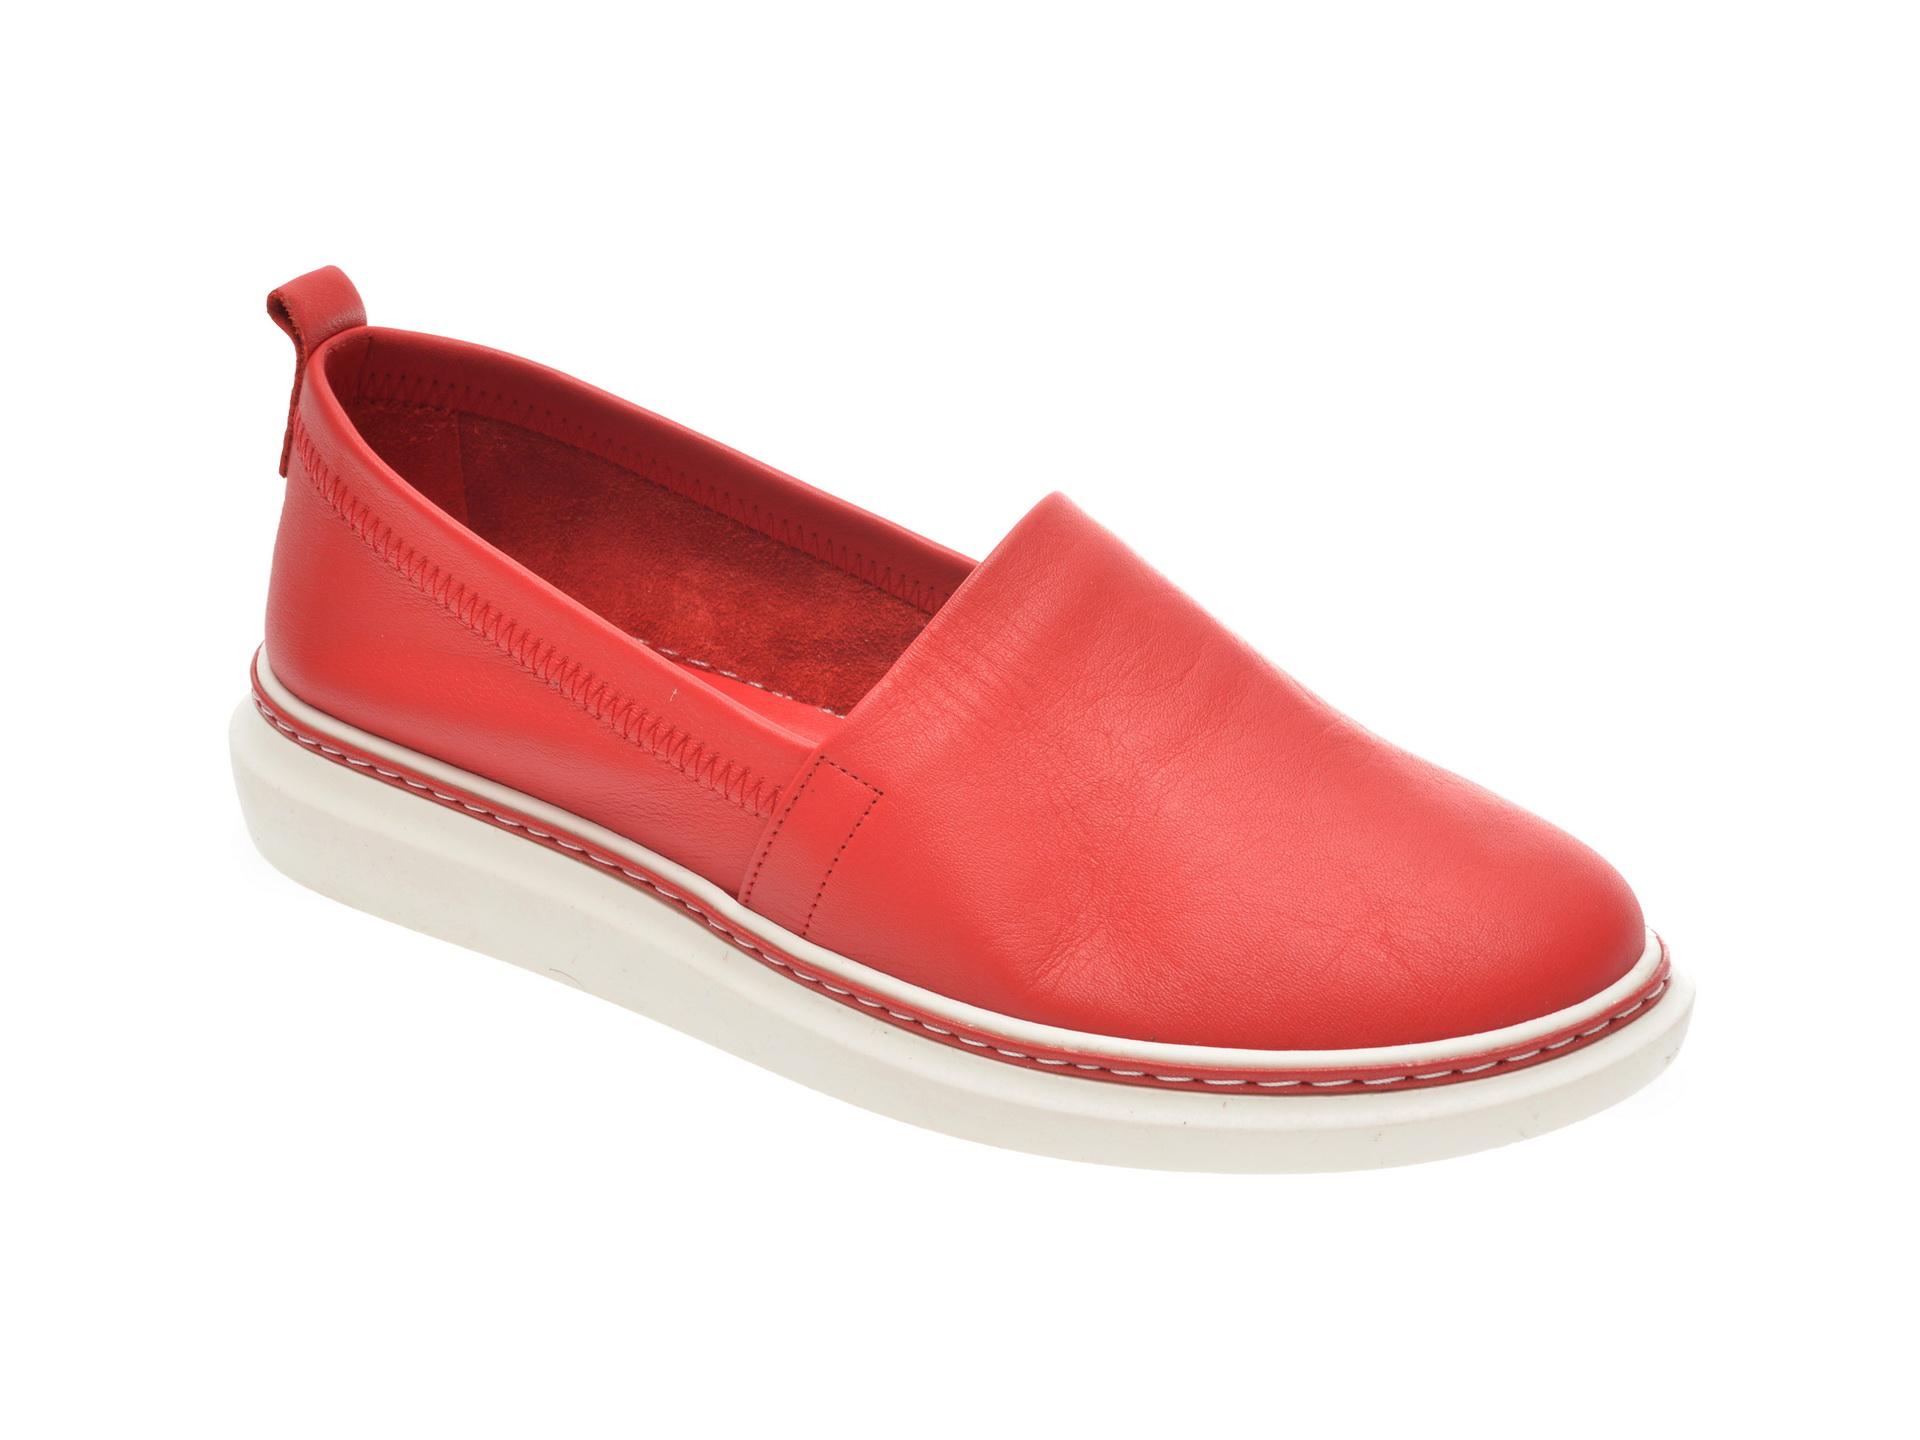 Pantofi FLAVIA PASSINI rosii, 1029000, din piele naturala imagine